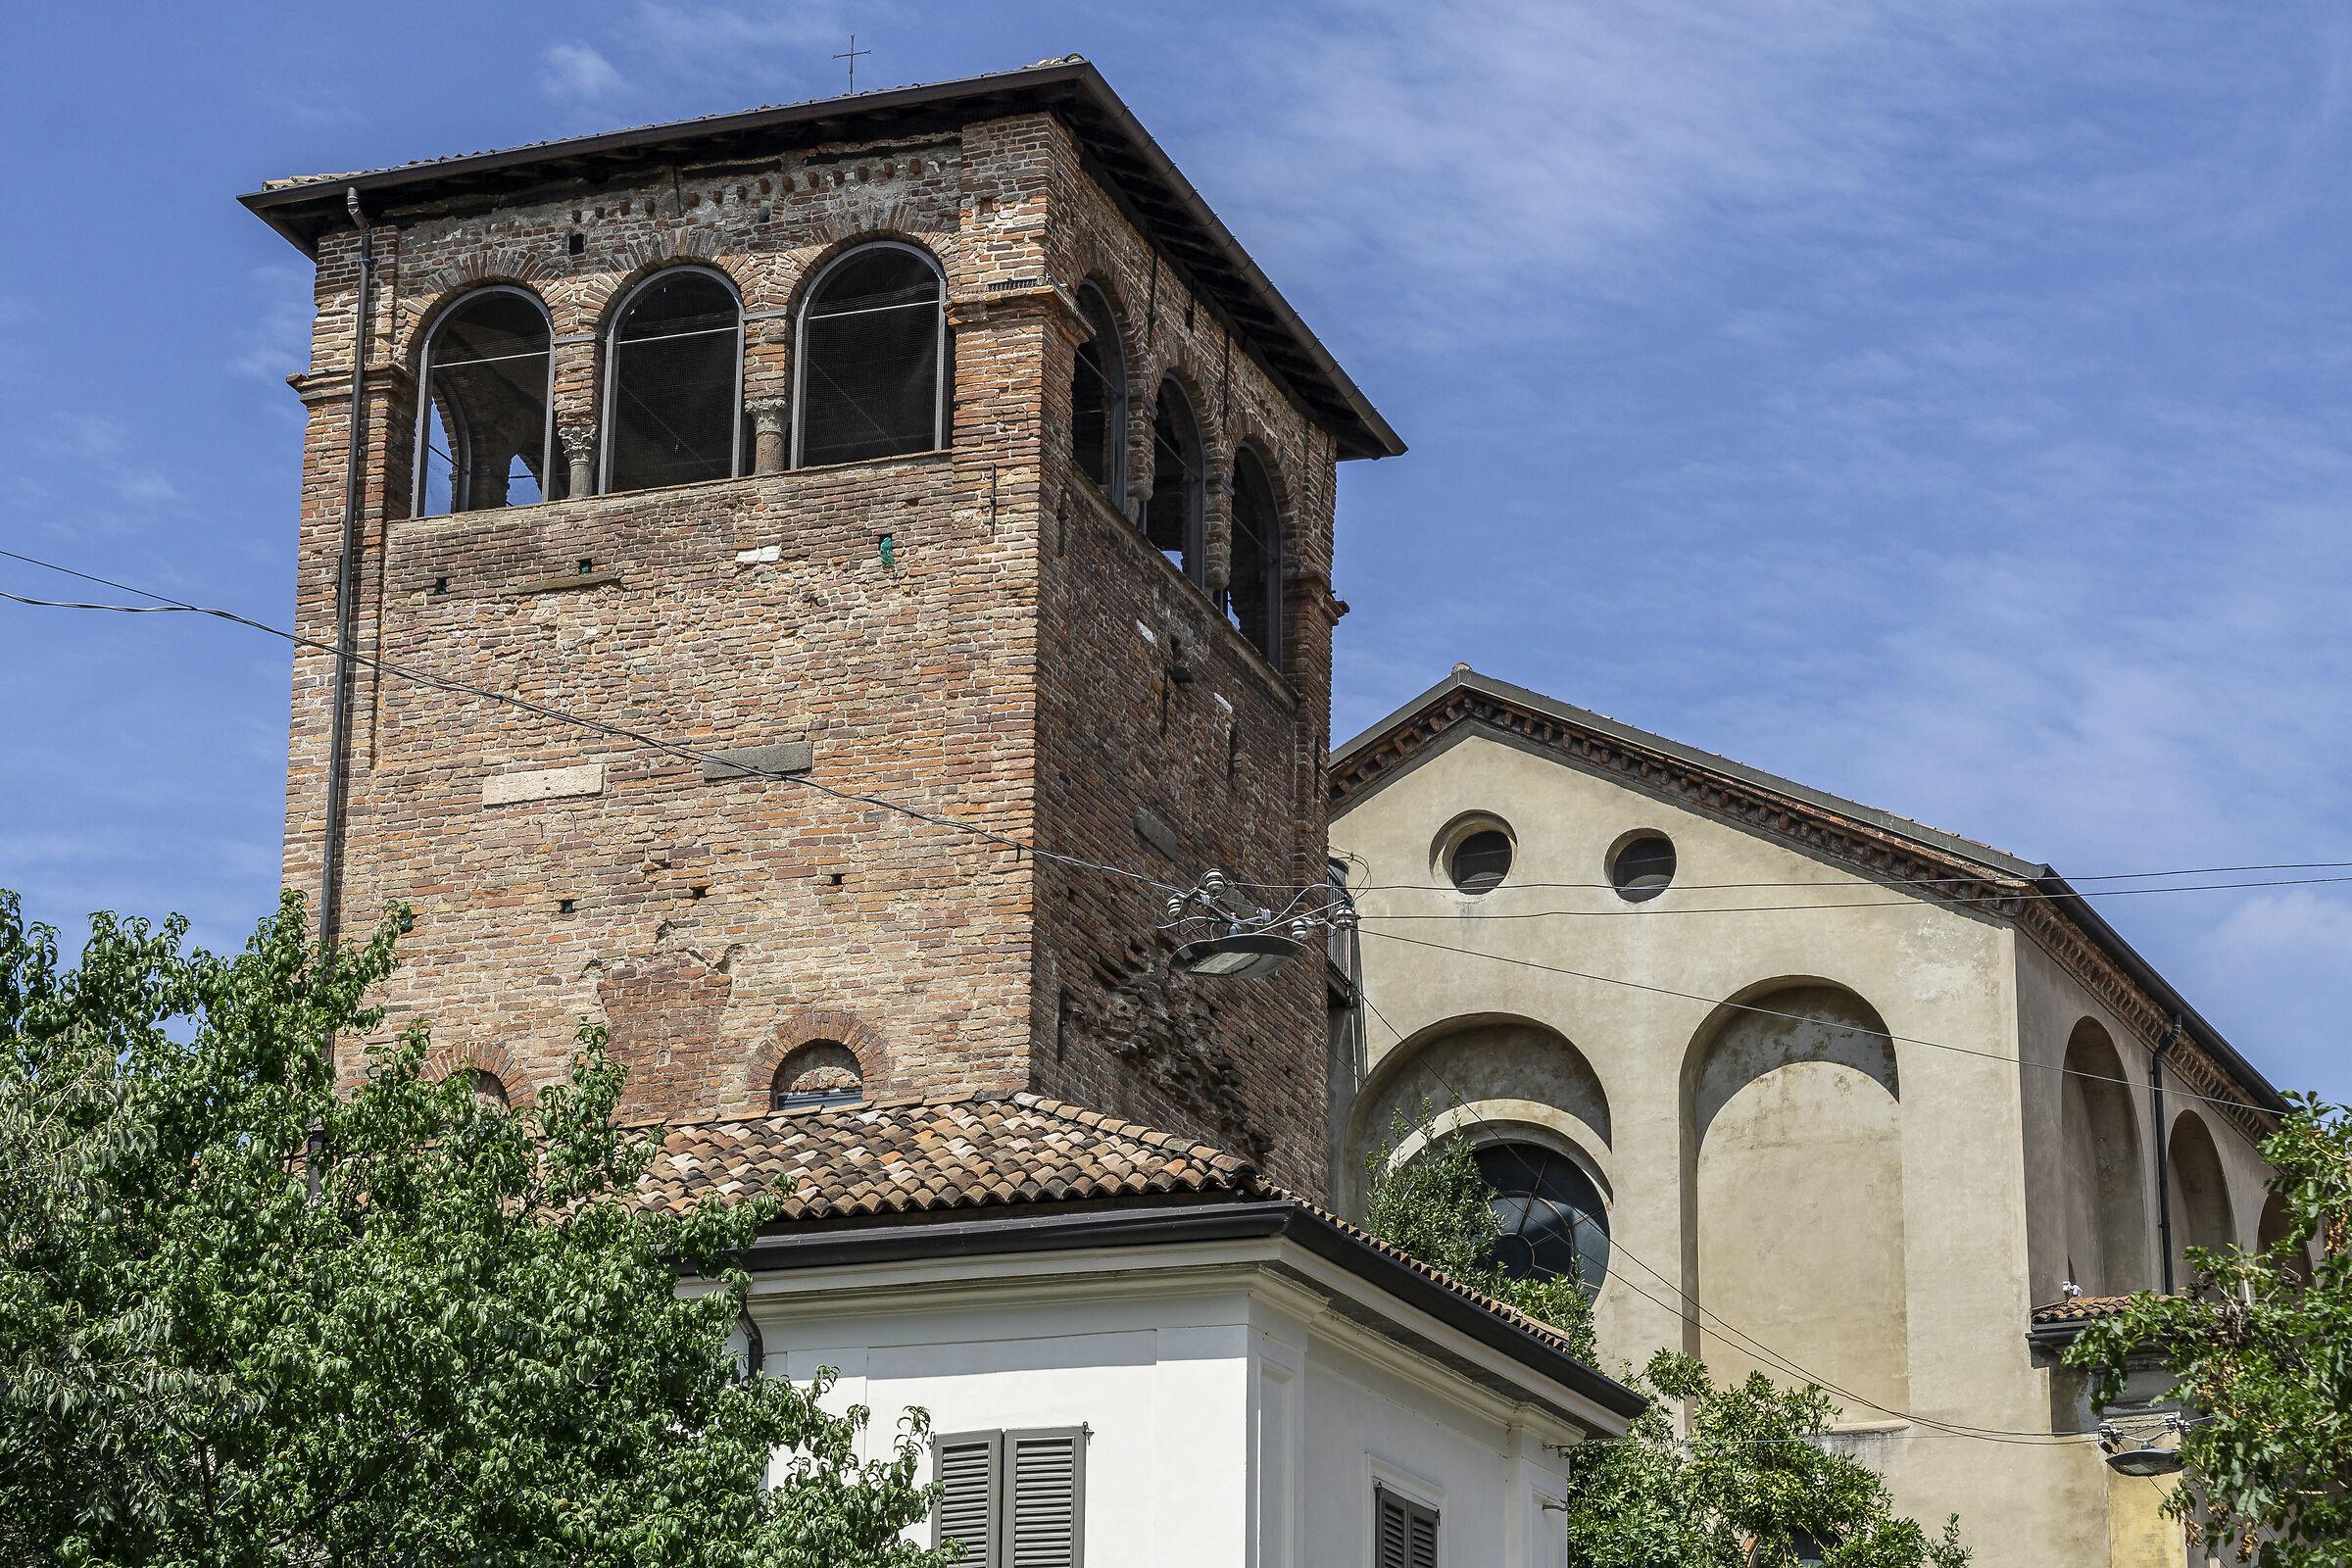 Chiesa di San Maurizio al Monastero Maggiore - 6...